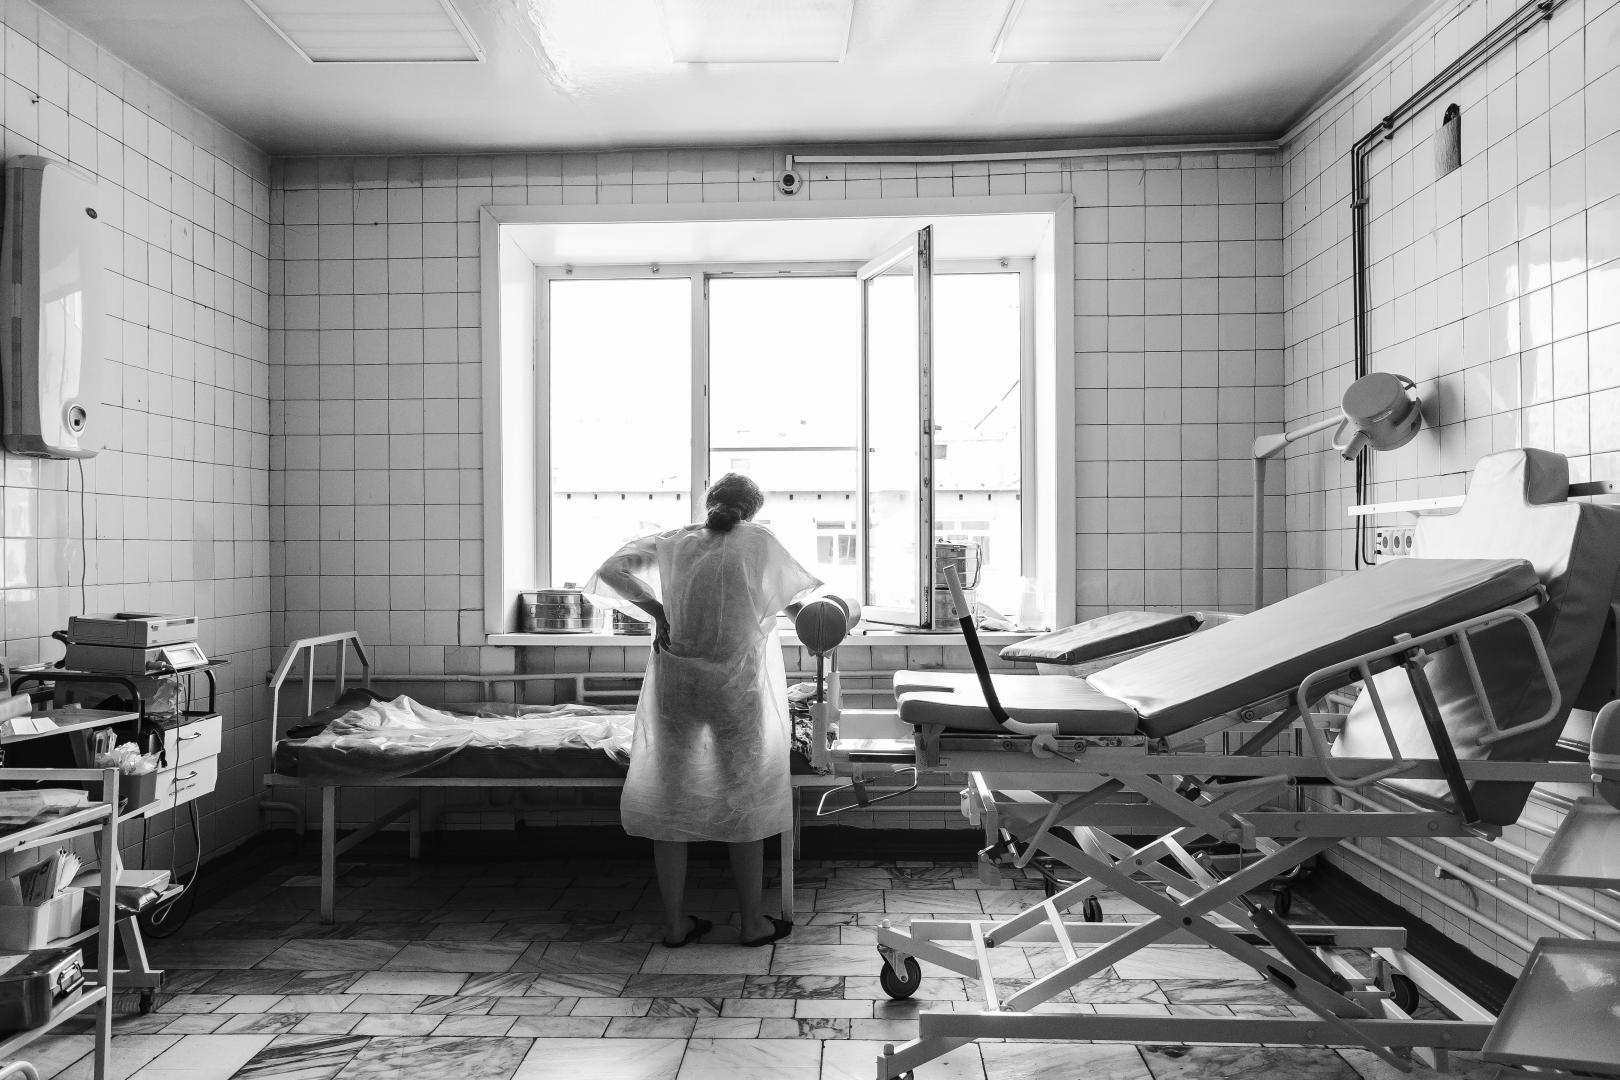 В Башкирии роженица выбросила из окна новорожденного ребёнка соседки по палате